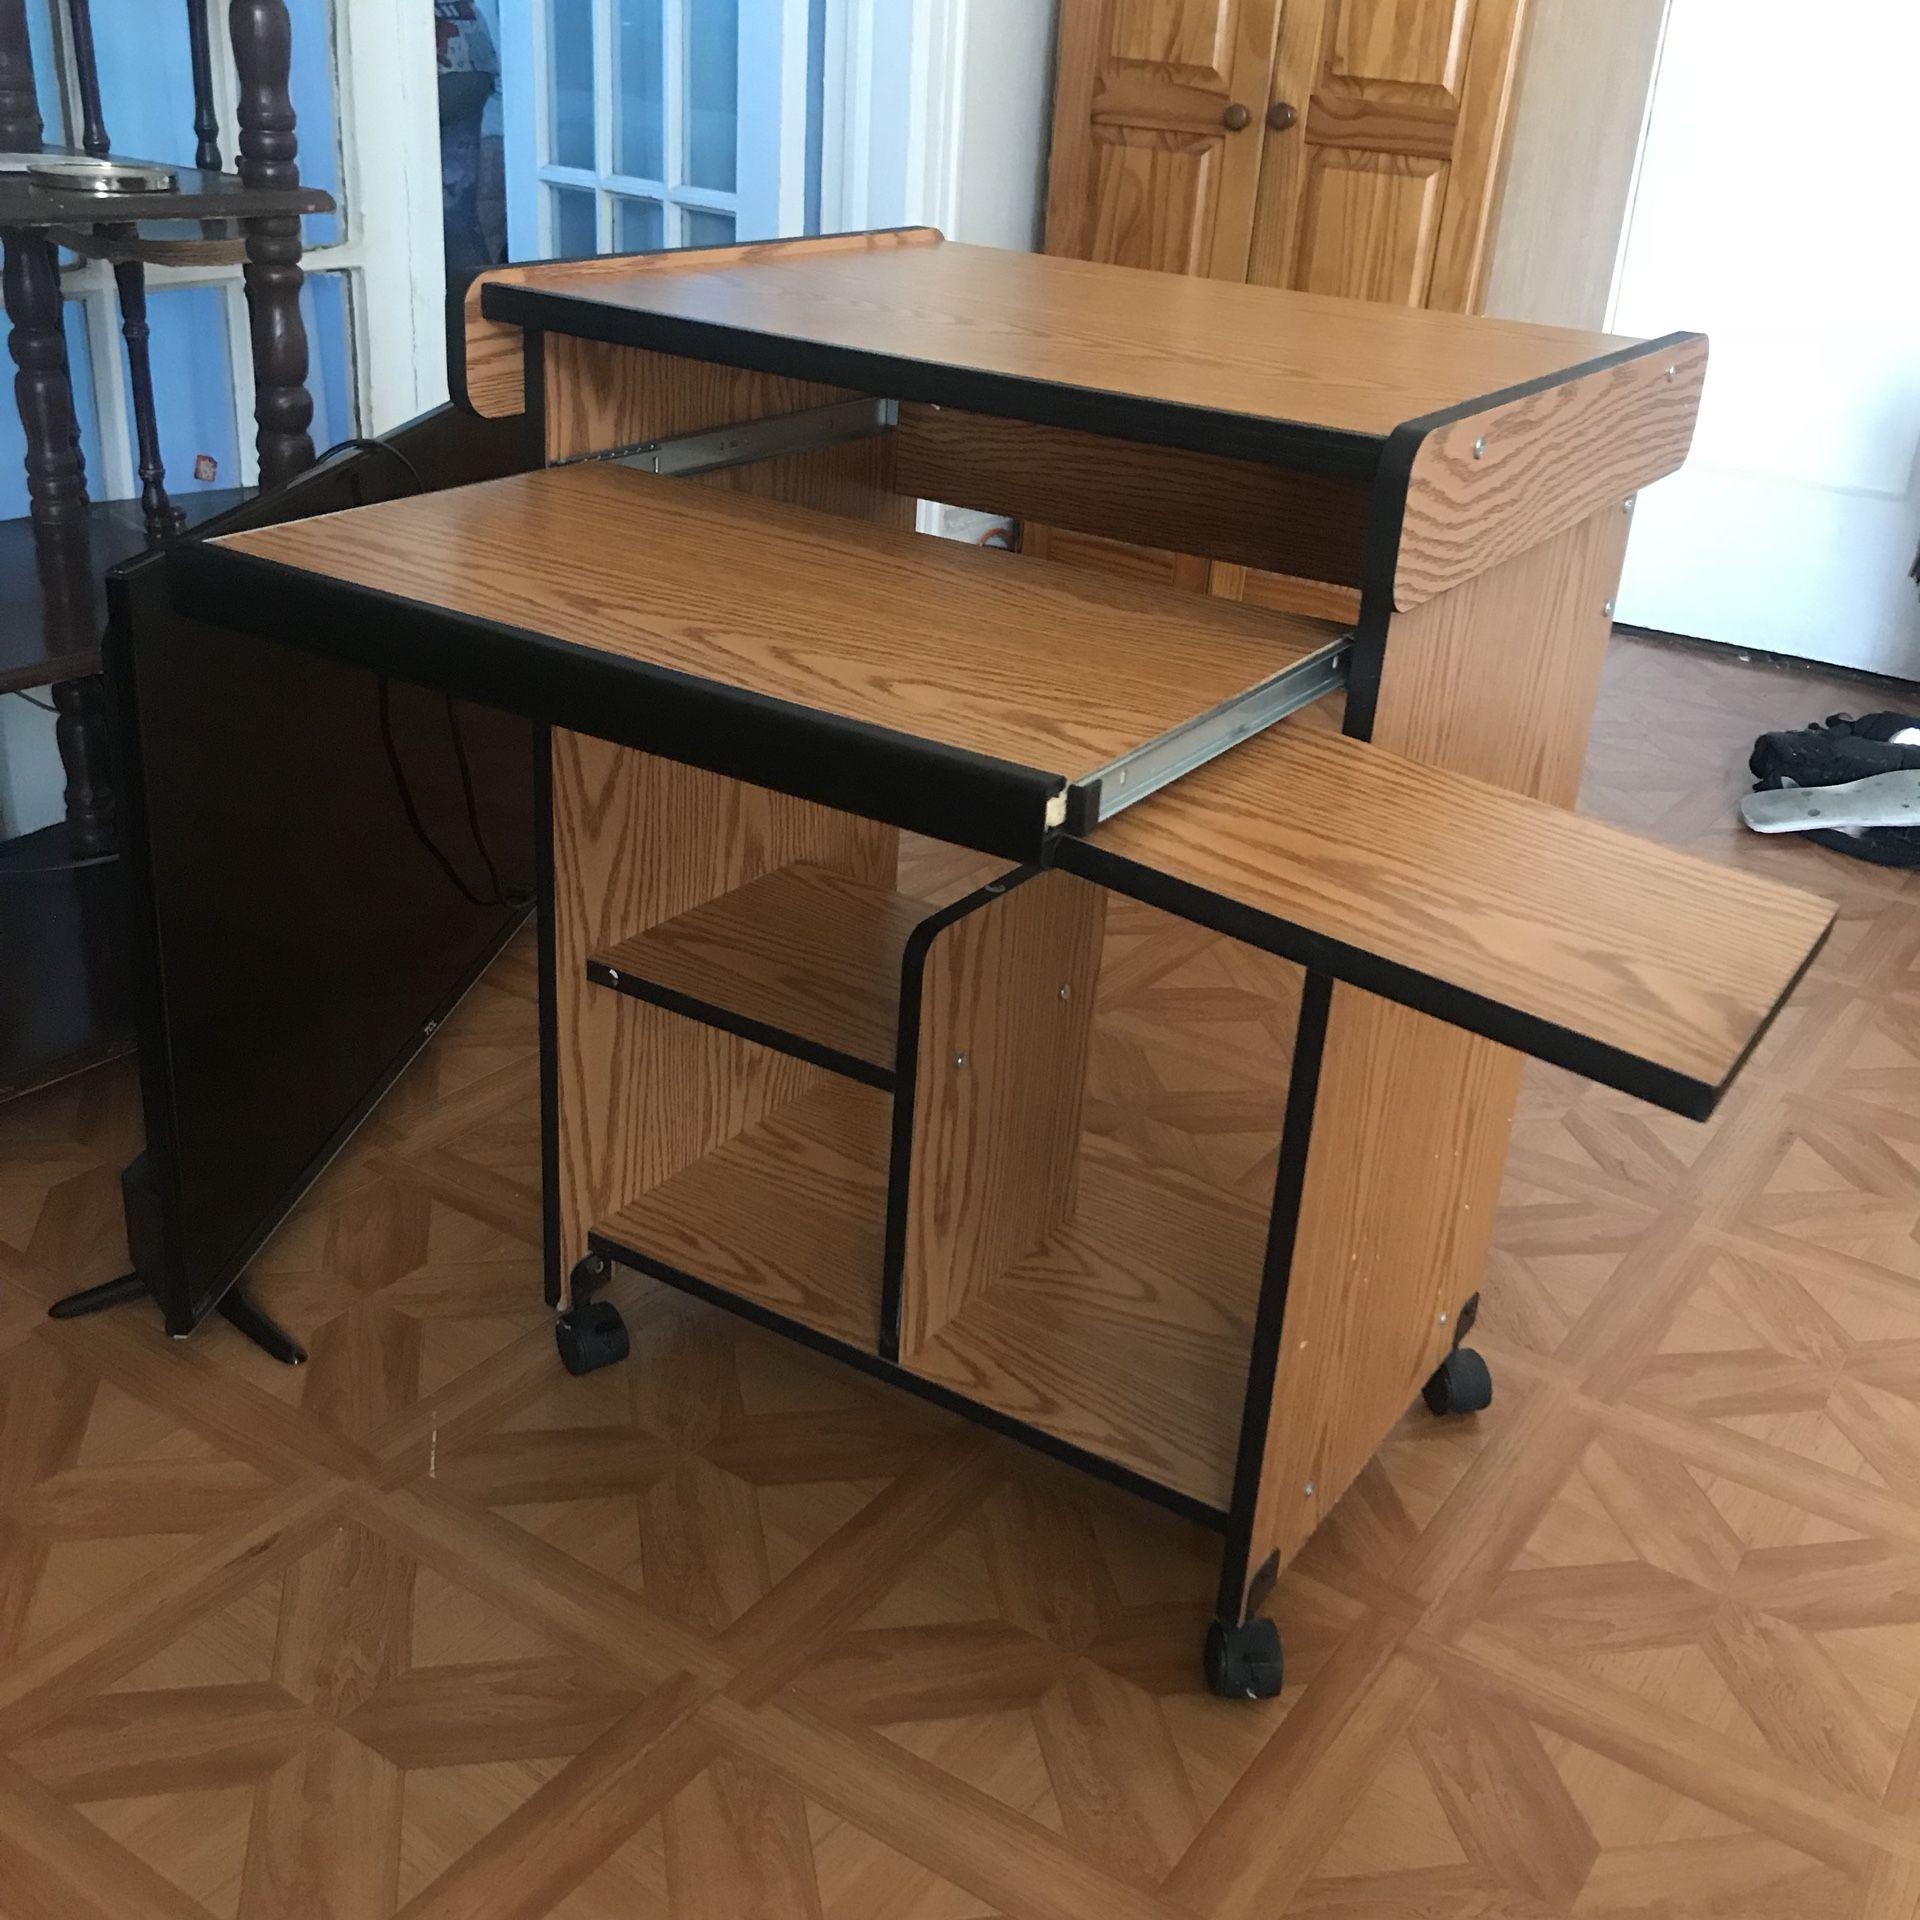 Small compact desk